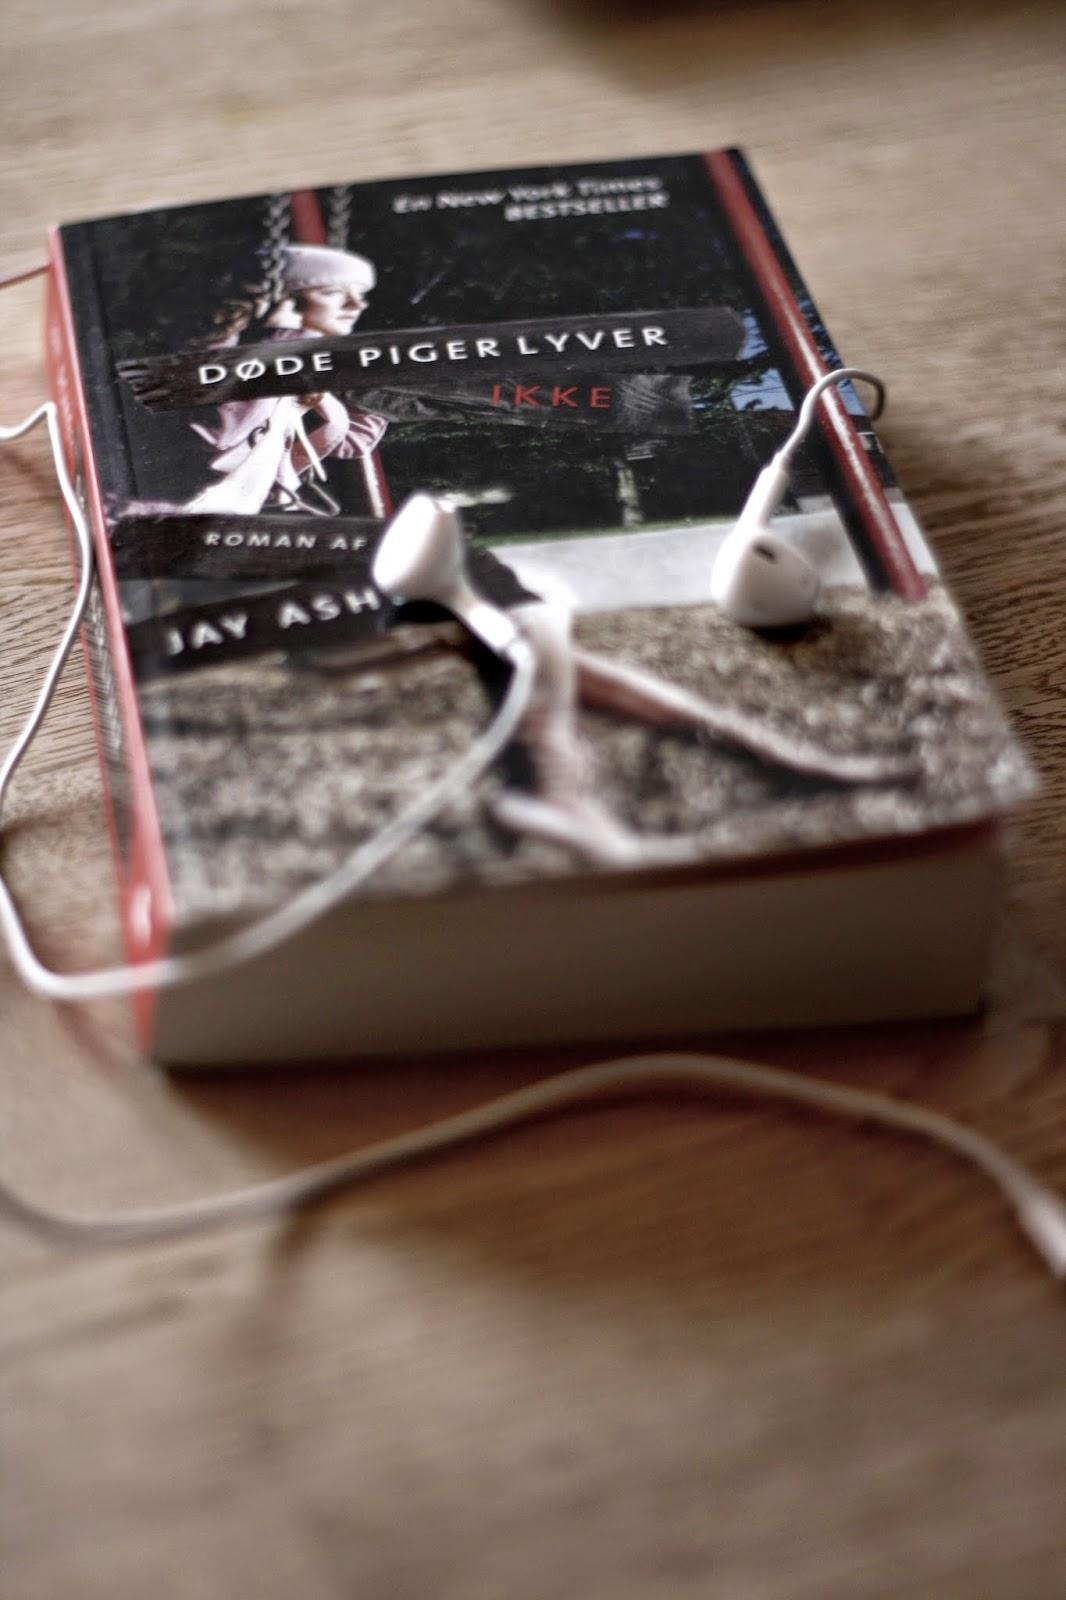 bog døde piger lyver ikke